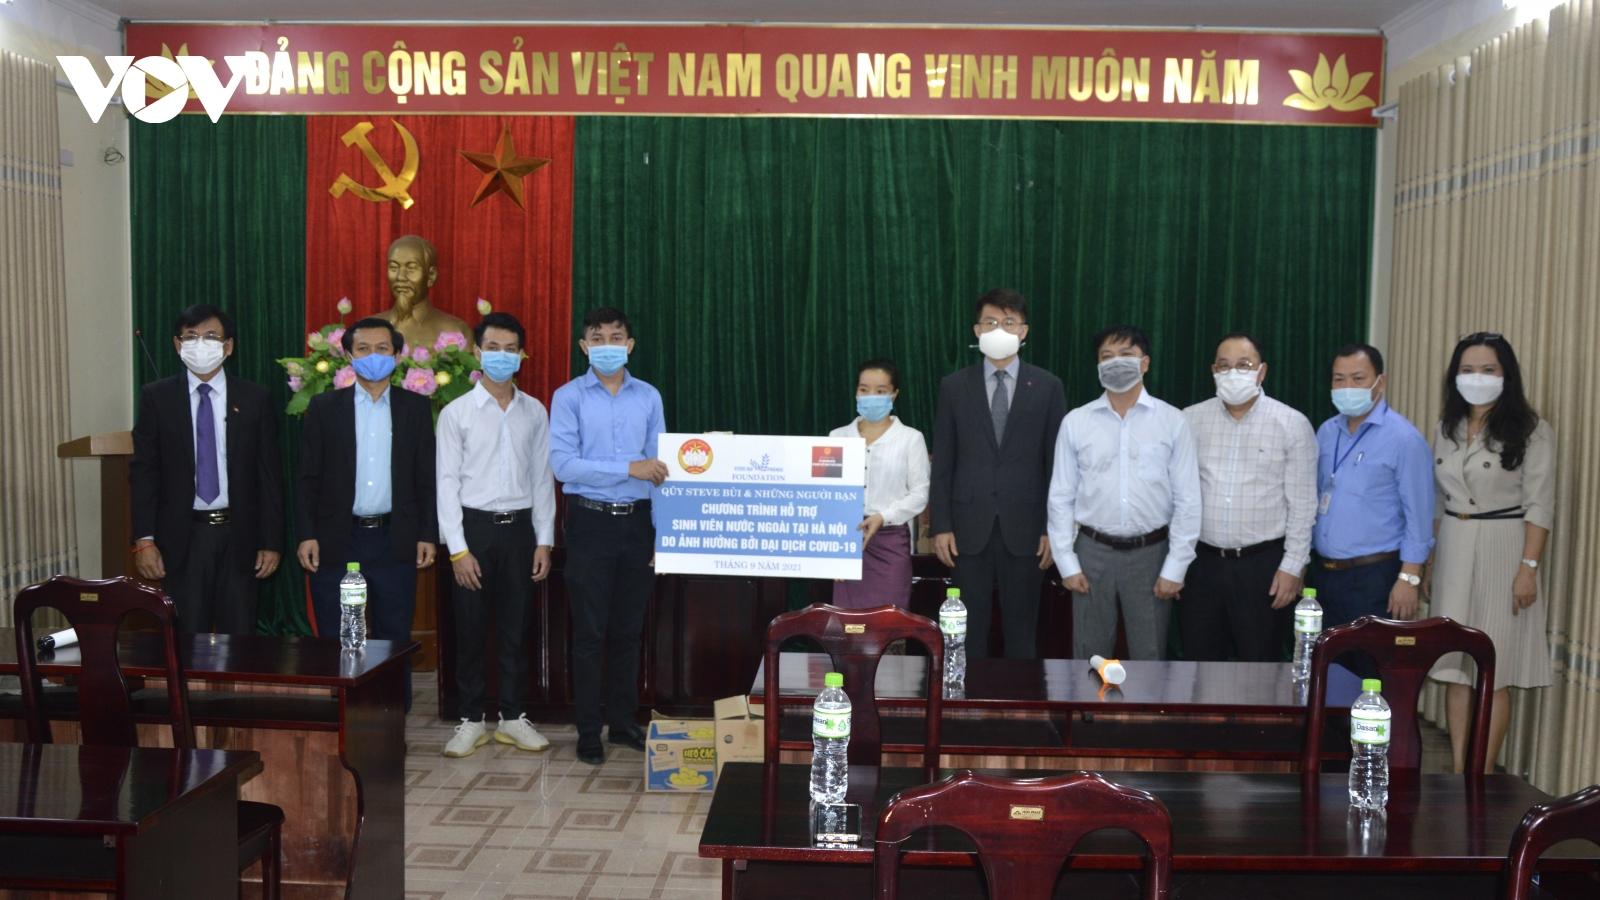 Hỗ trợ sinh viên quốc tế tại Việt Nam bị ảnh hưởng do COVID-19